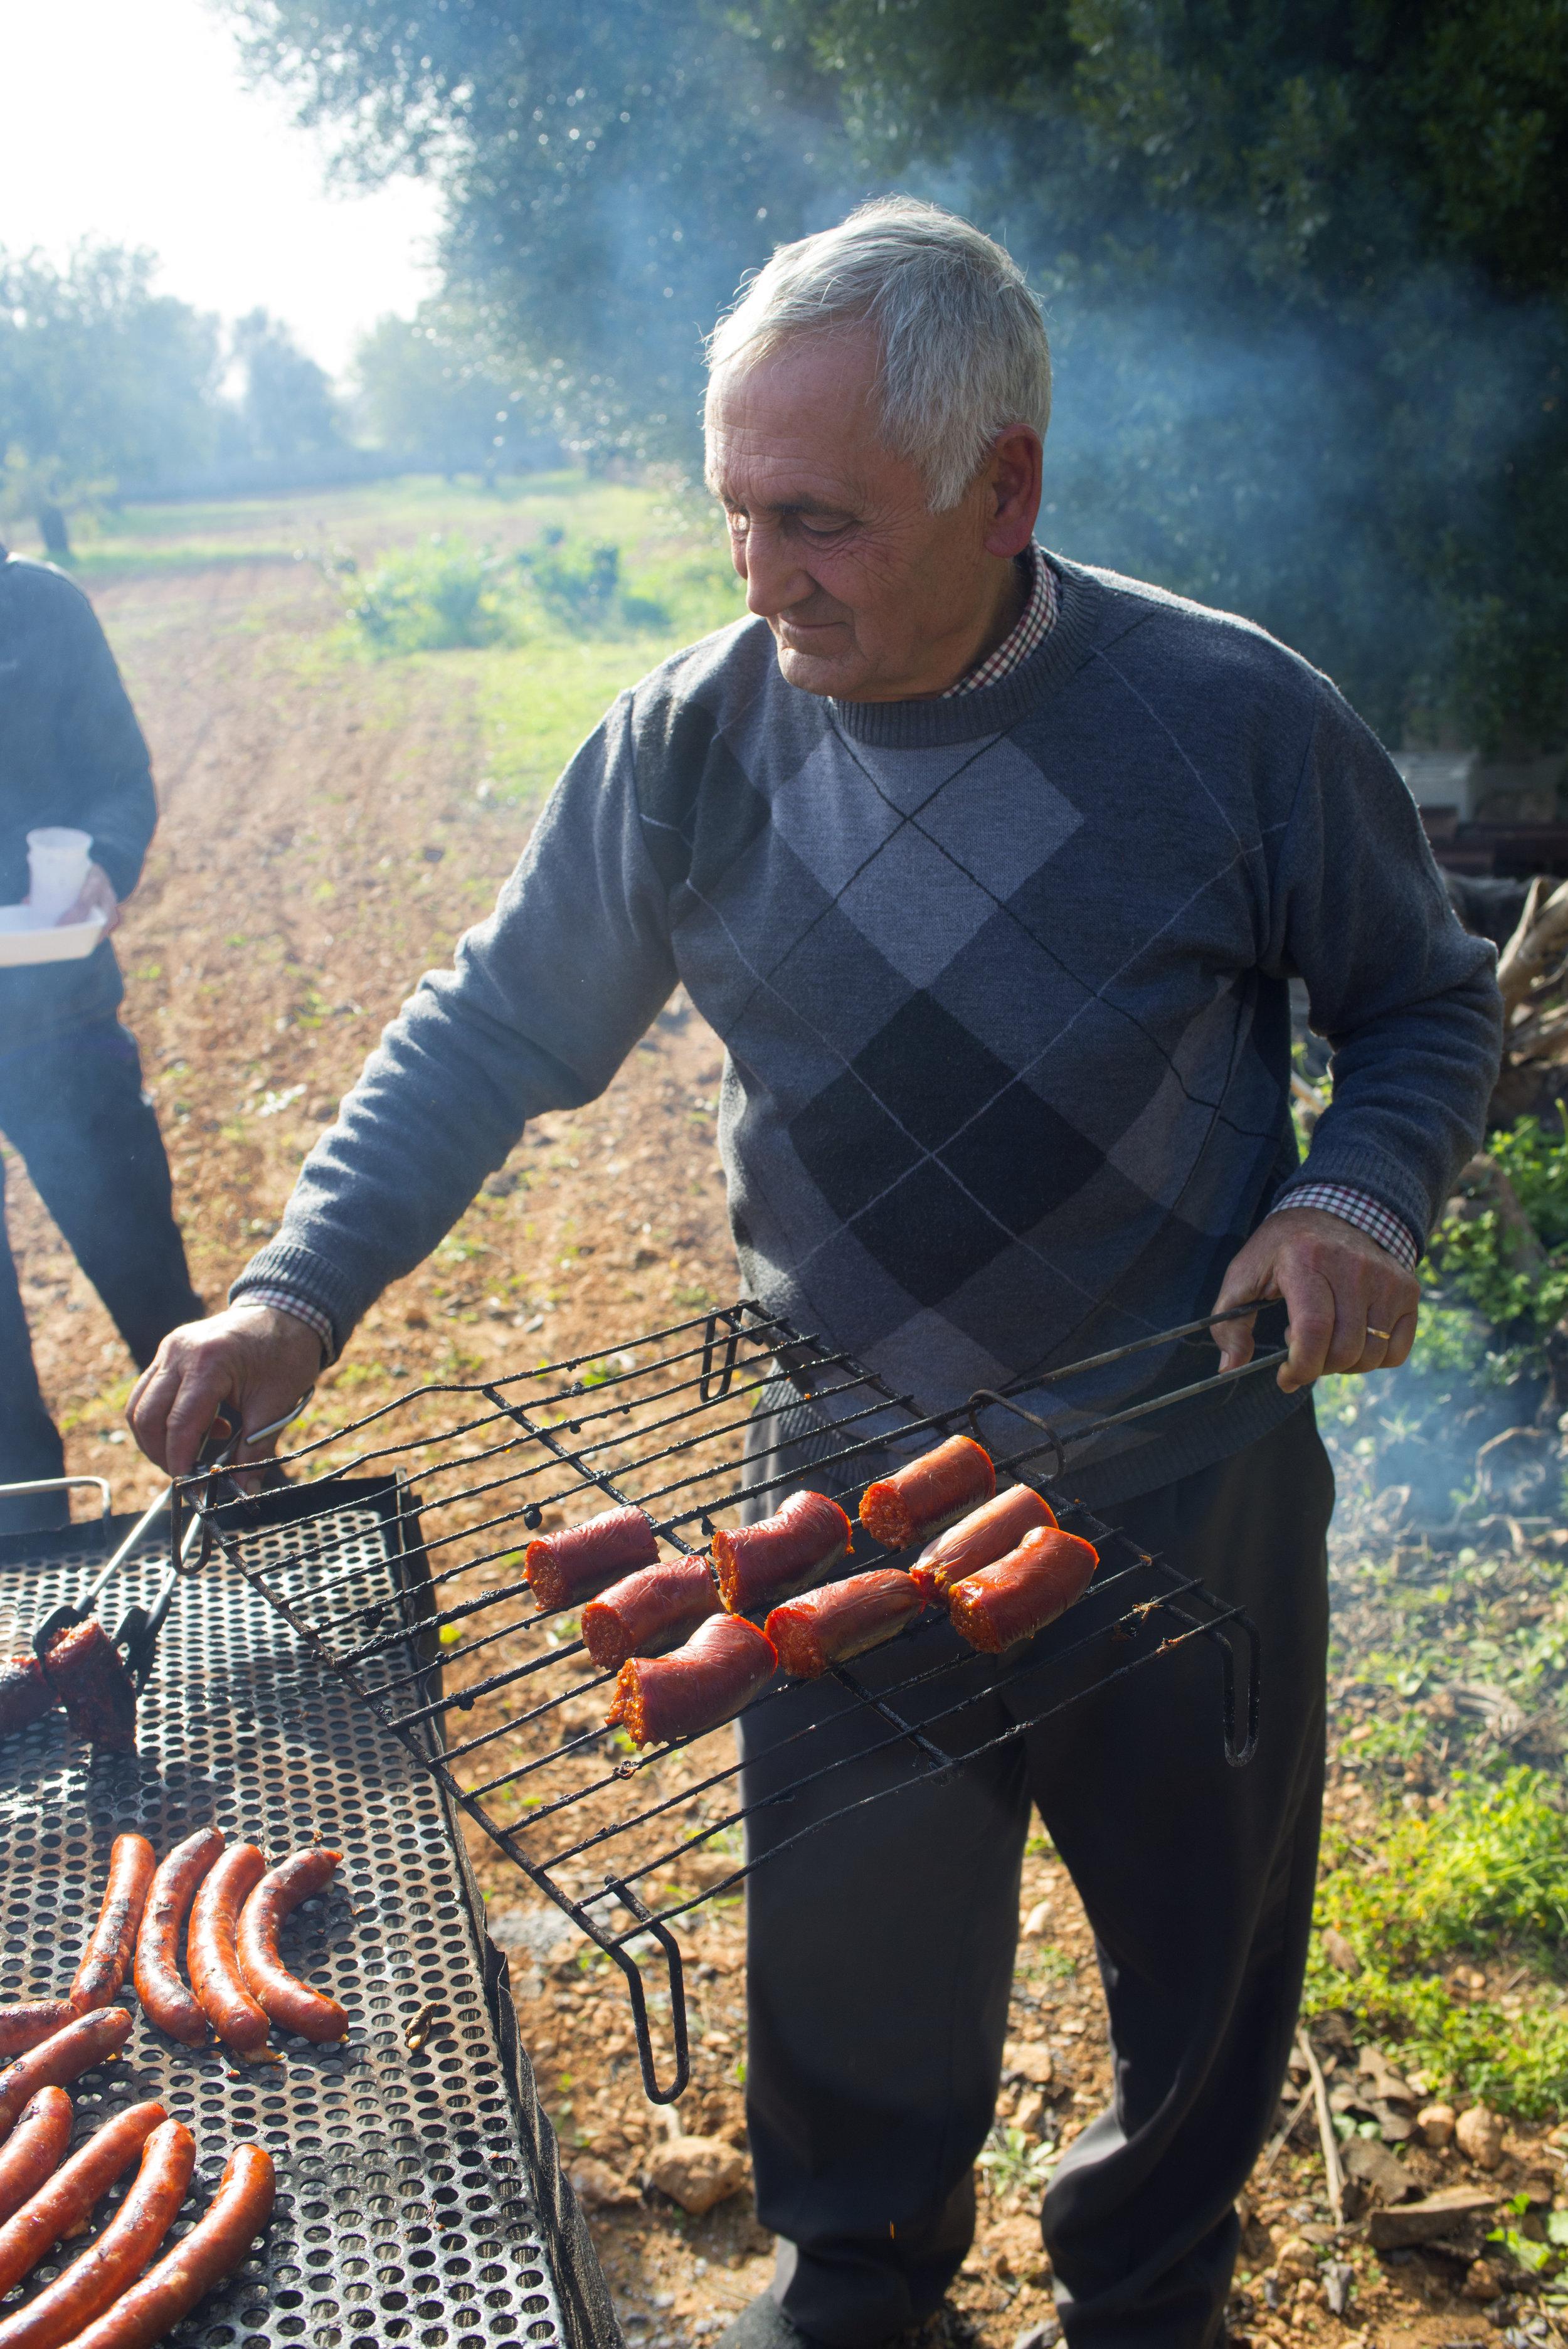 Mallorcan sausage. Porreres, Mallorca Spain.